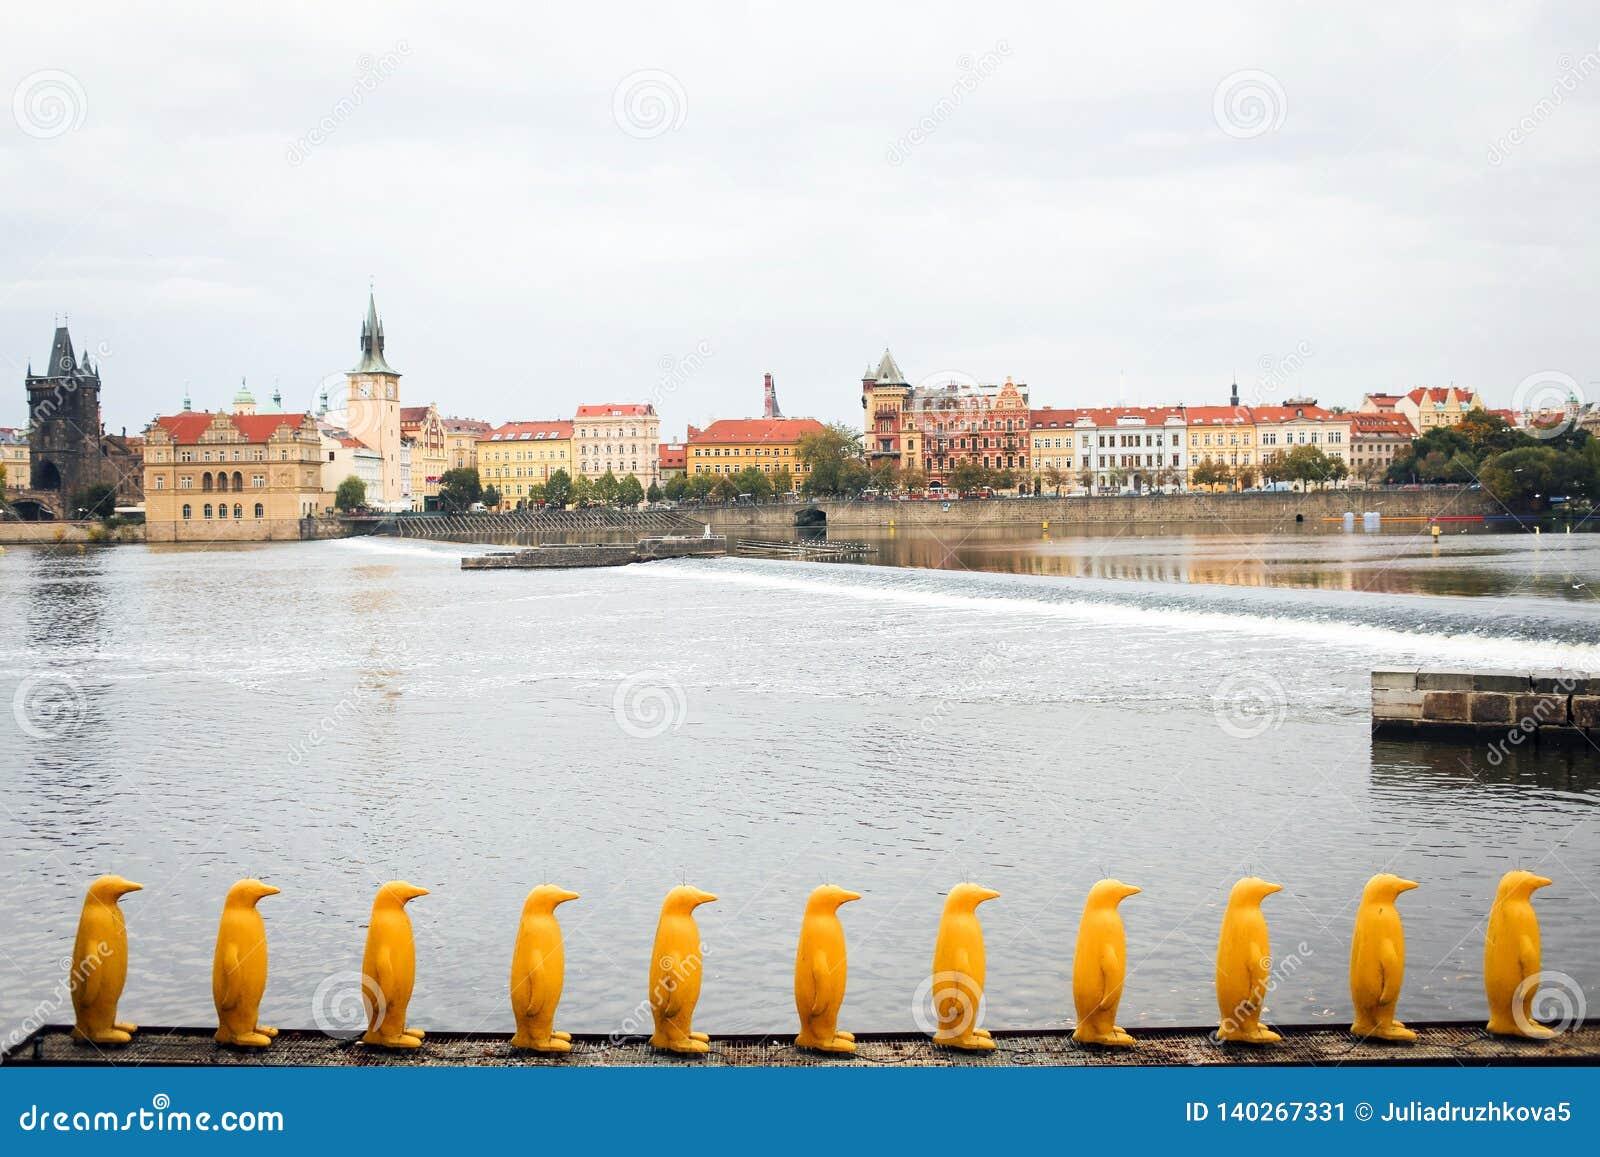 Praag, Tsjechische Republiek - cijfers van gele pinguïnen op de dijk van de Vltava-Rivier die de oude stad overzien